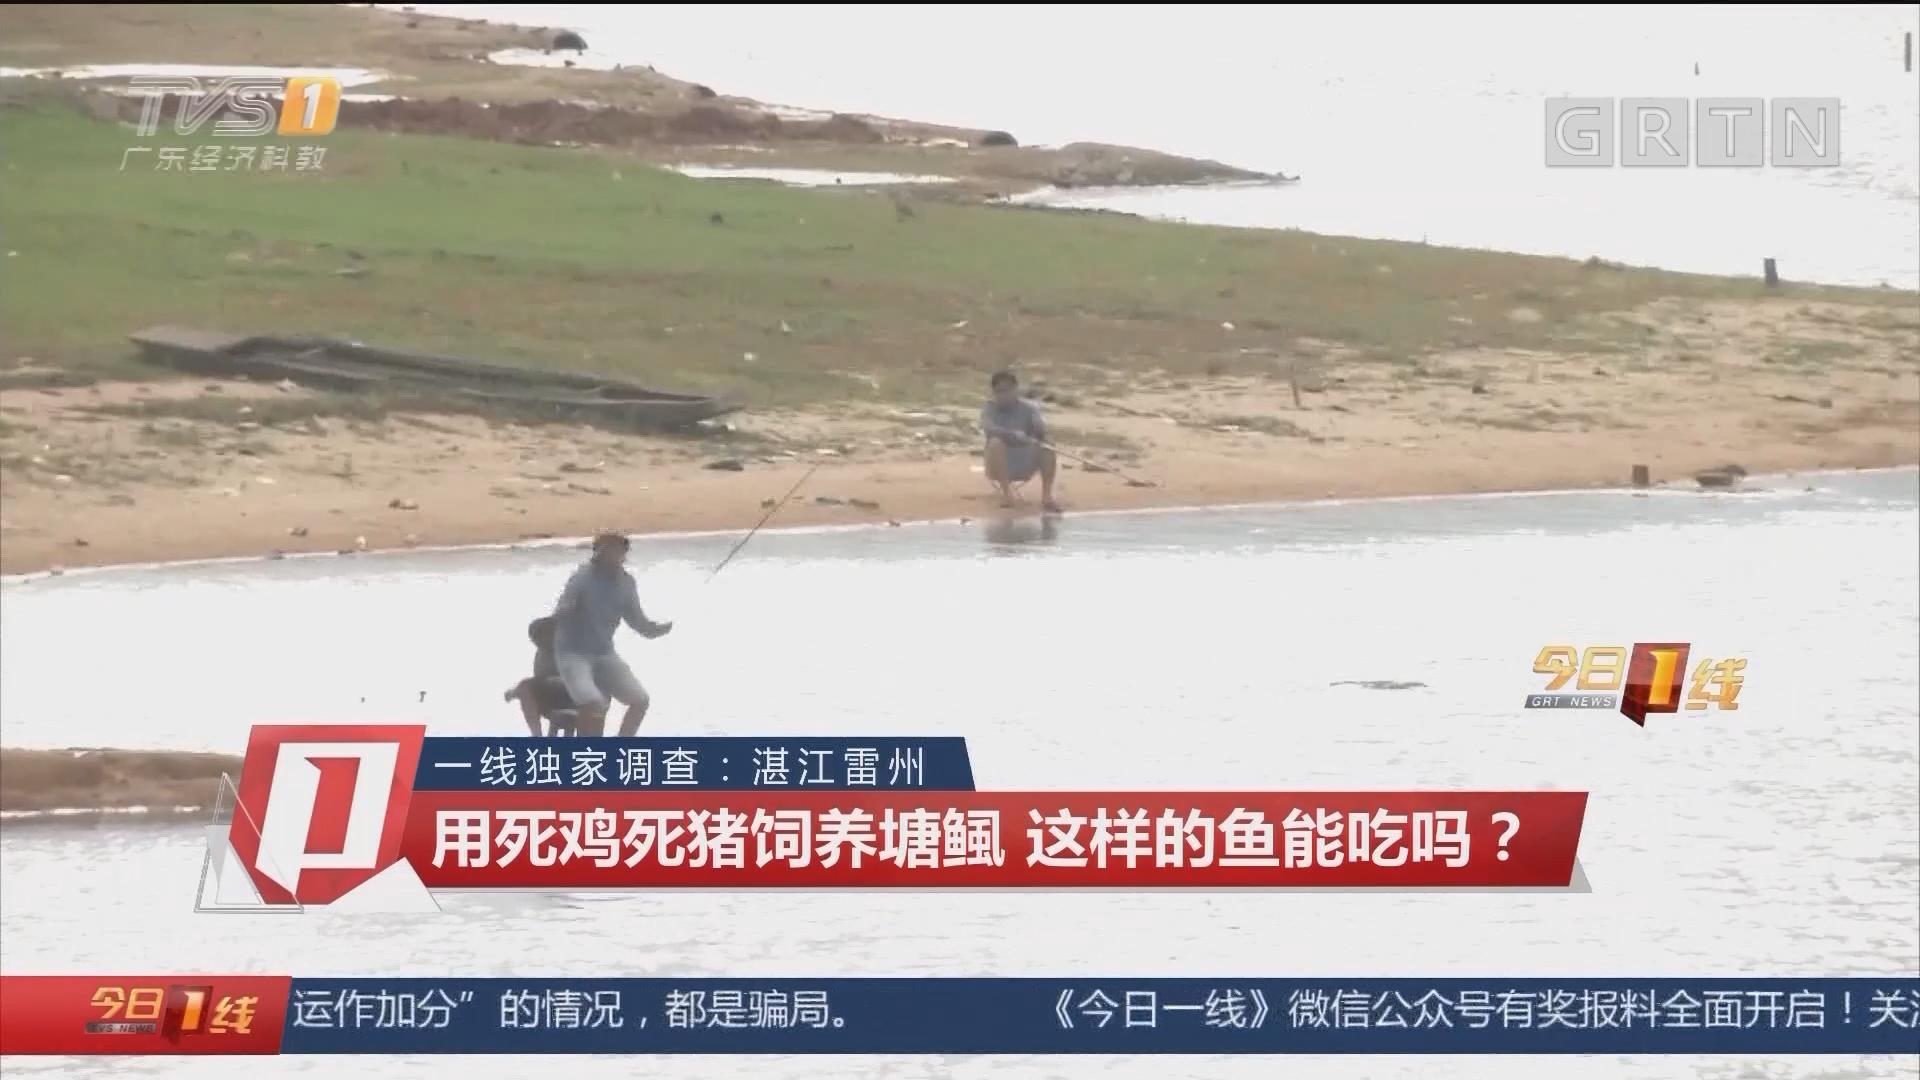 一线独家调查:湛江雷州 用死鸡死猪饲养塘鲺 这样的鱼能吃吗?